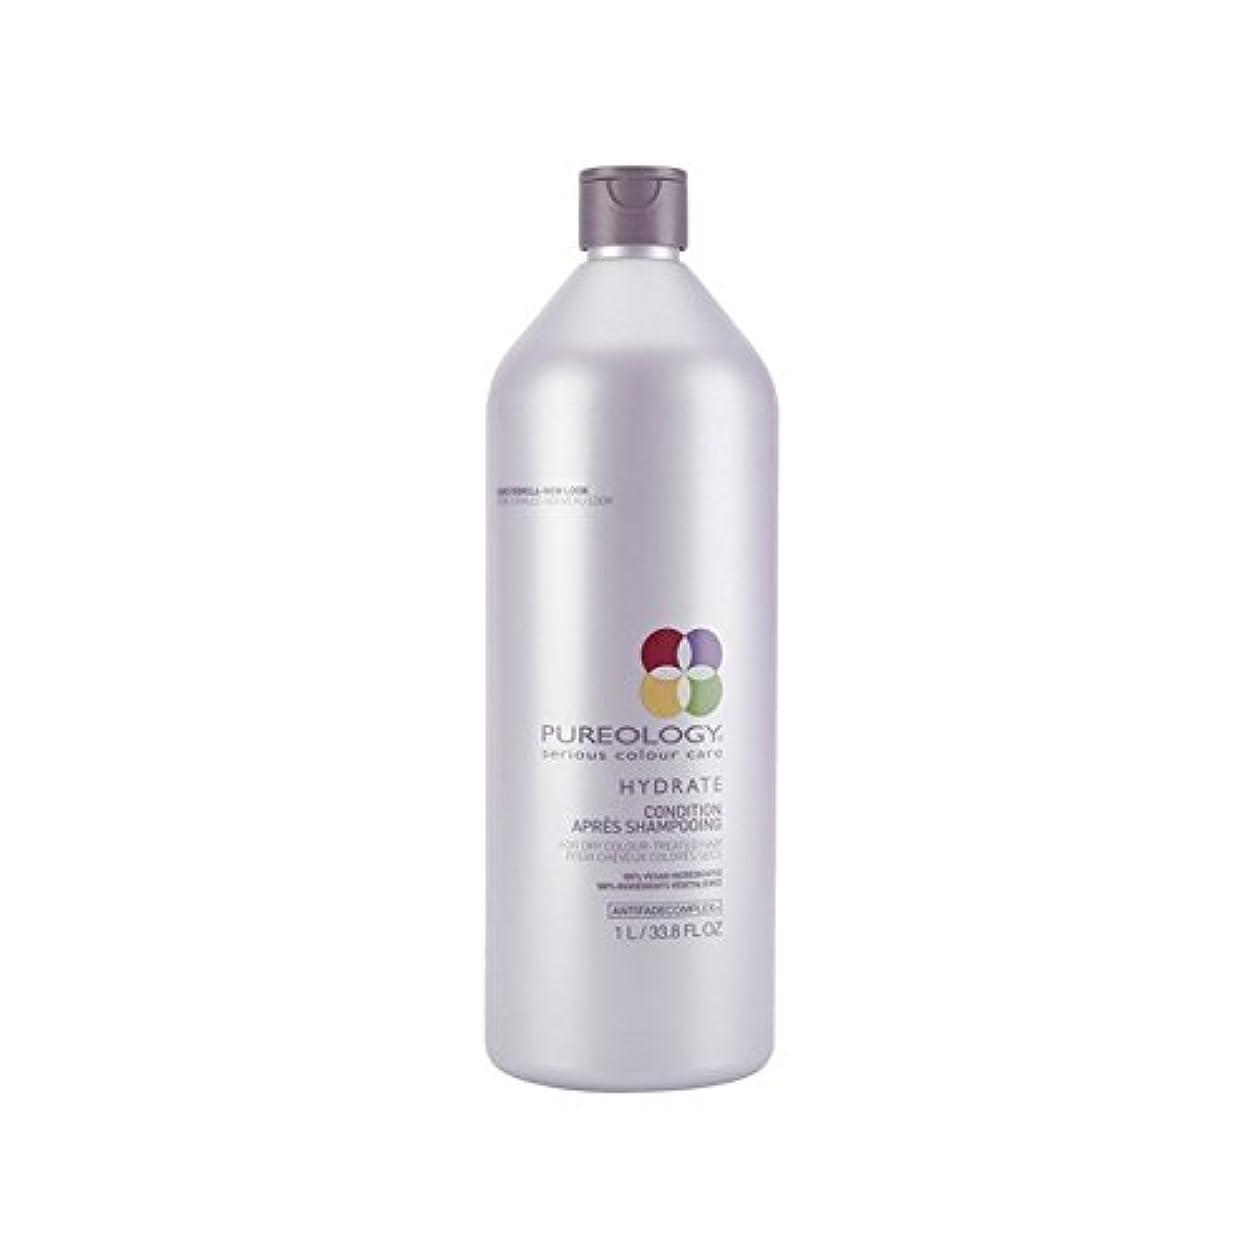 自分の対応目的純粋な水和物コンディショナー(千ミリリットル) x4 - Pureology Pure Hydrate Conditioner (1000ml) (Pack of 4) [並行輸入品]